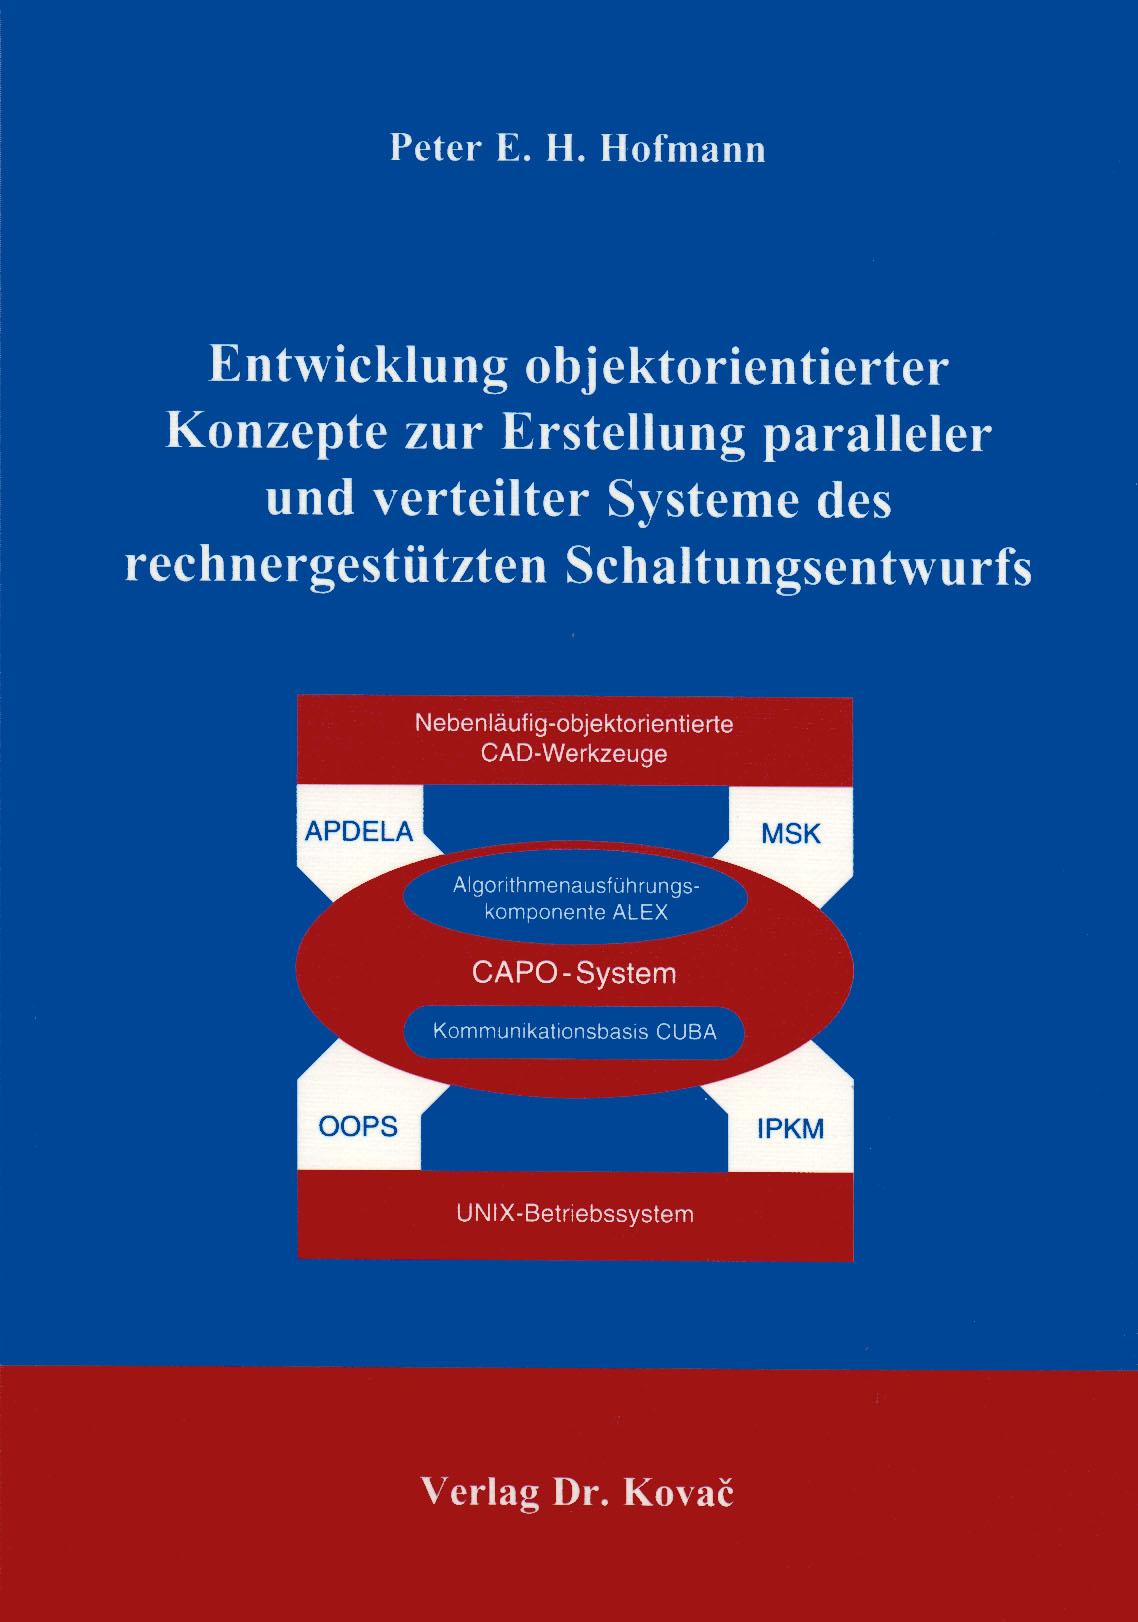 Cover: Entwicklung objektorientierter Konzepte zur Erstellung paralleler und verteilter Systeme des rechnergestützten Schaltungsentwurfs